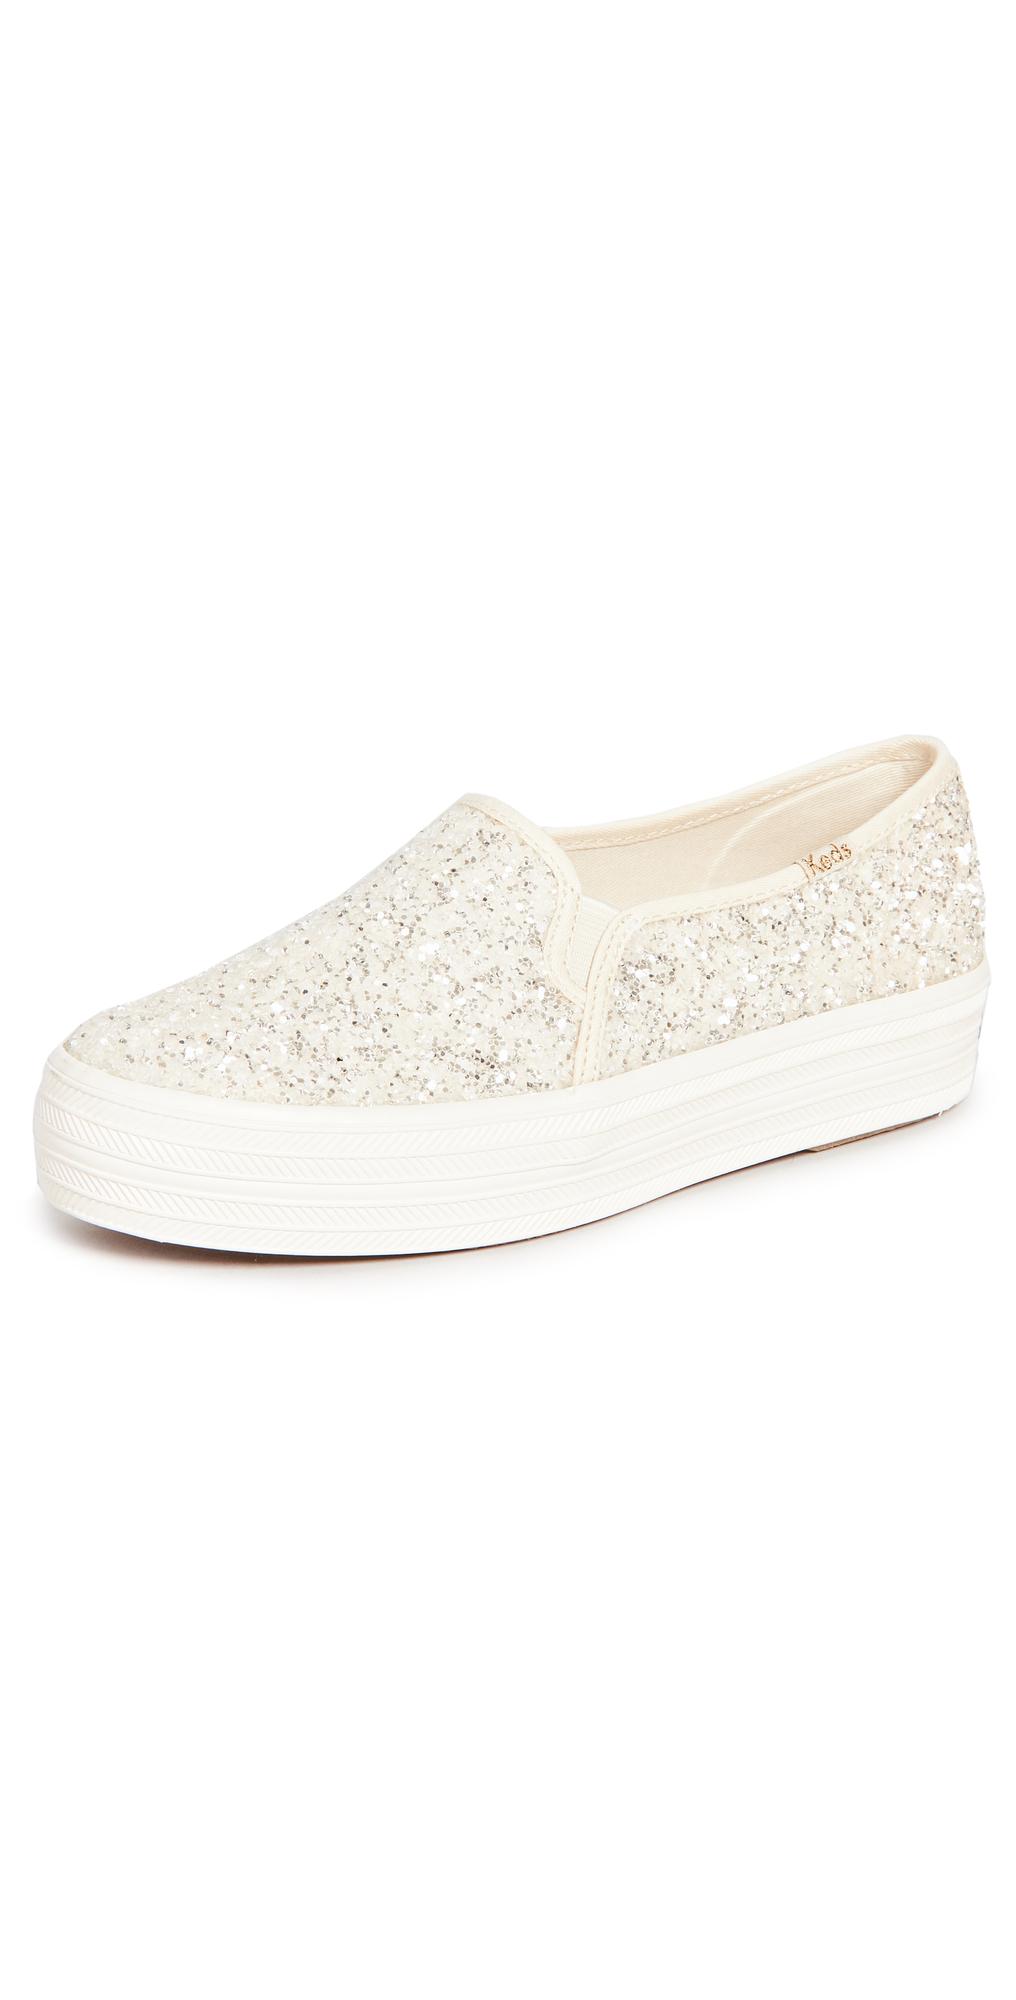 x Kate Spade Triple Decker Slip On Sneakers